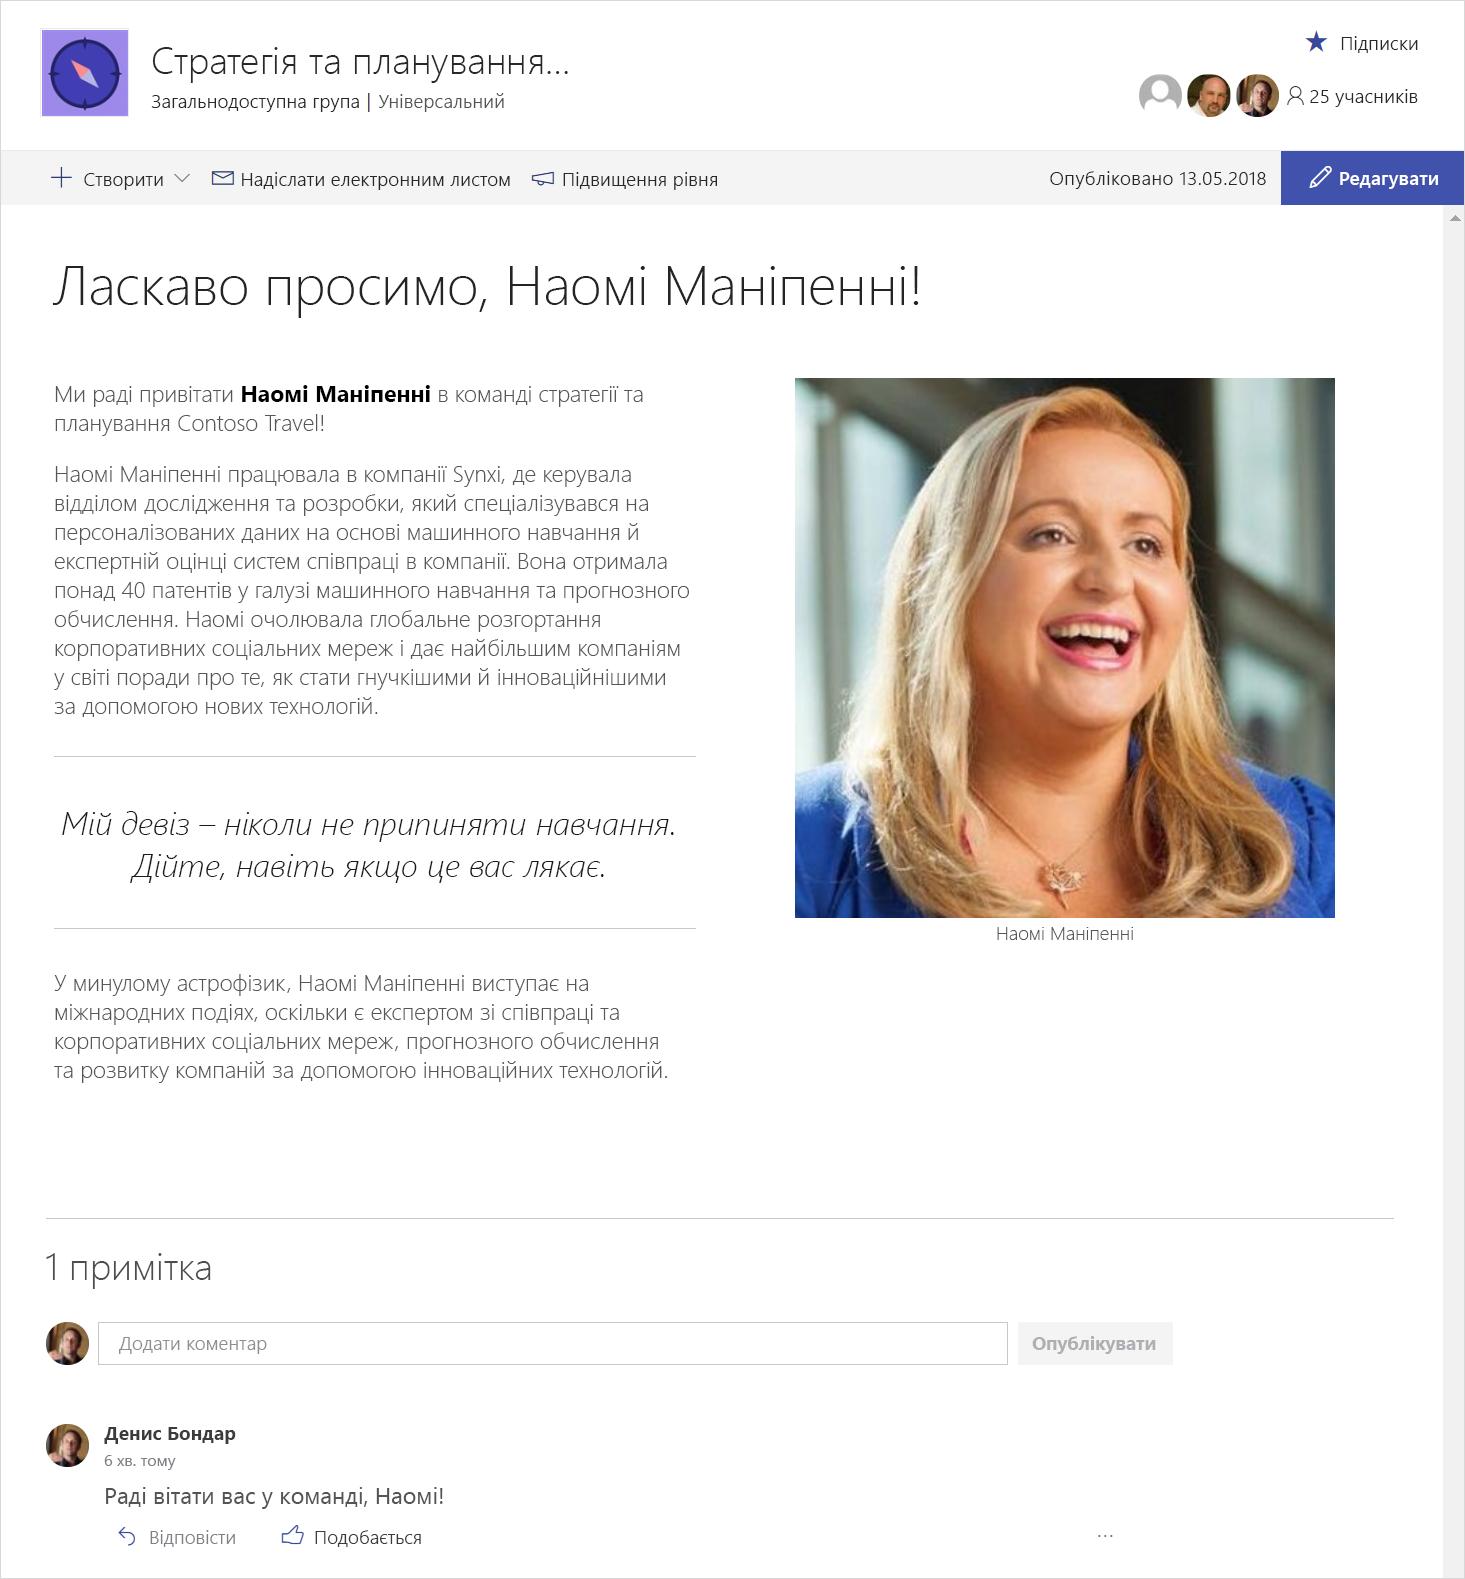 Знімок екрана з новинами SharePoint, для яких використовується сторінка та веб-частини з динамічним вмістом.